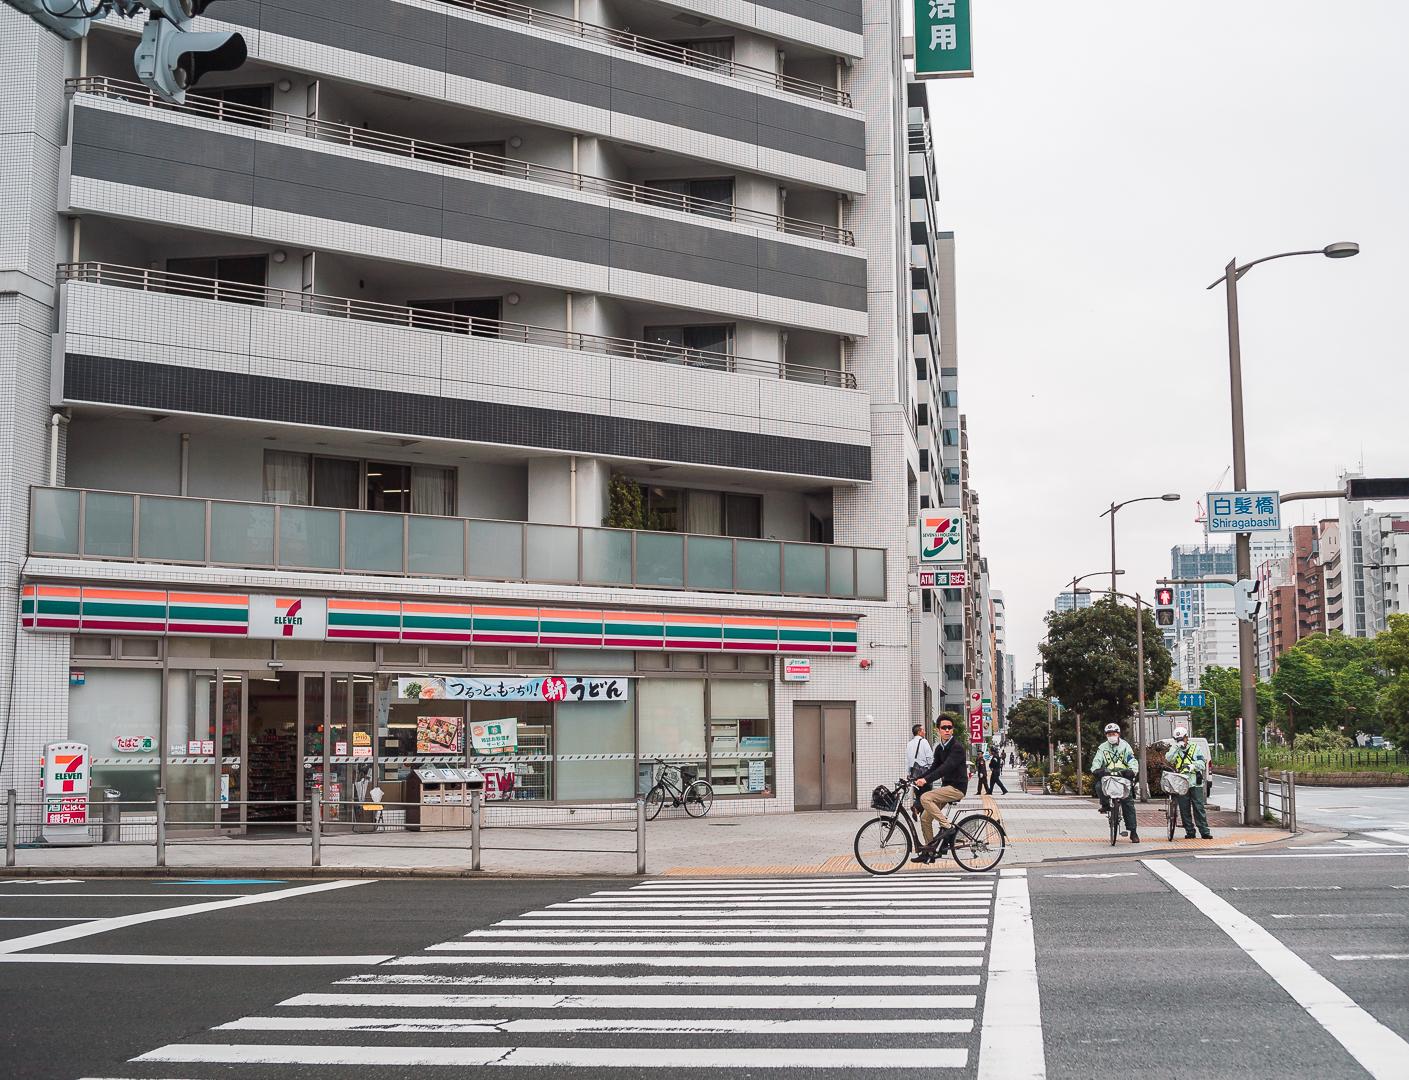 edwardchang-Osaka-12.jpg